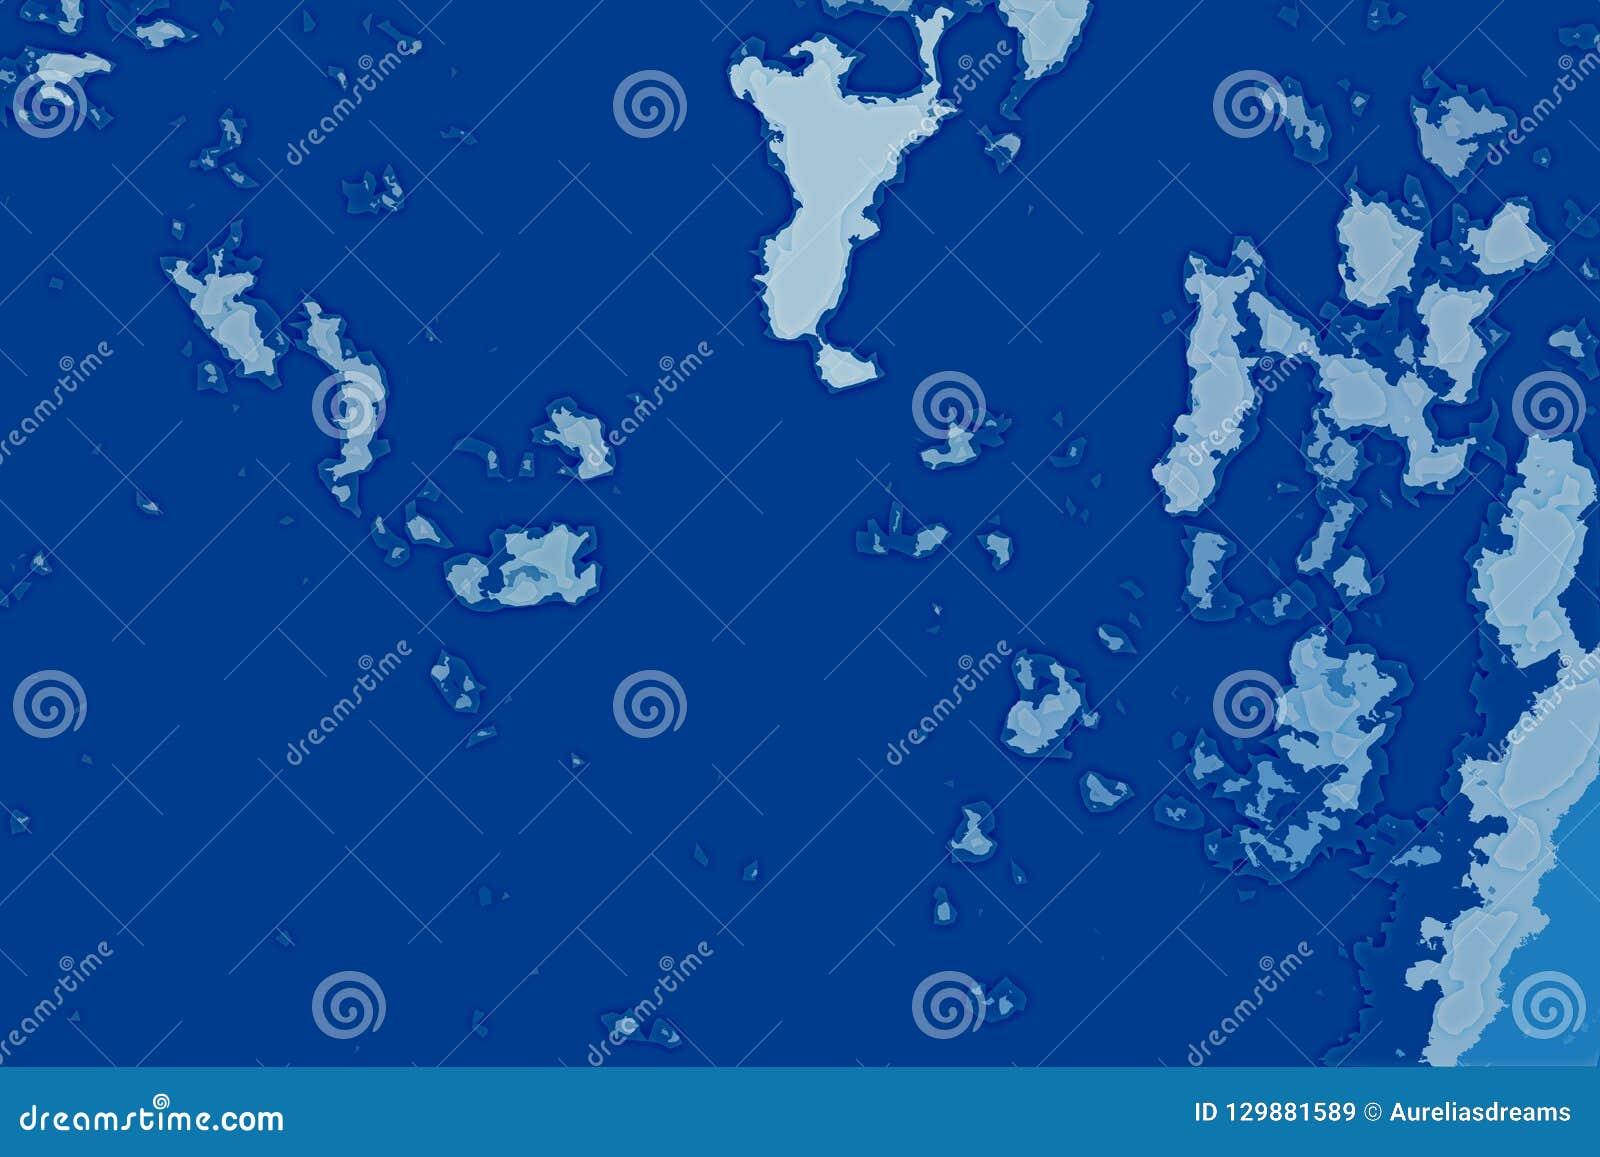 Textura abstrata branca e azul do fundo Mapa da fantasia com linha costeira norte, mar, oceano, gelo, montanhas, nuvens